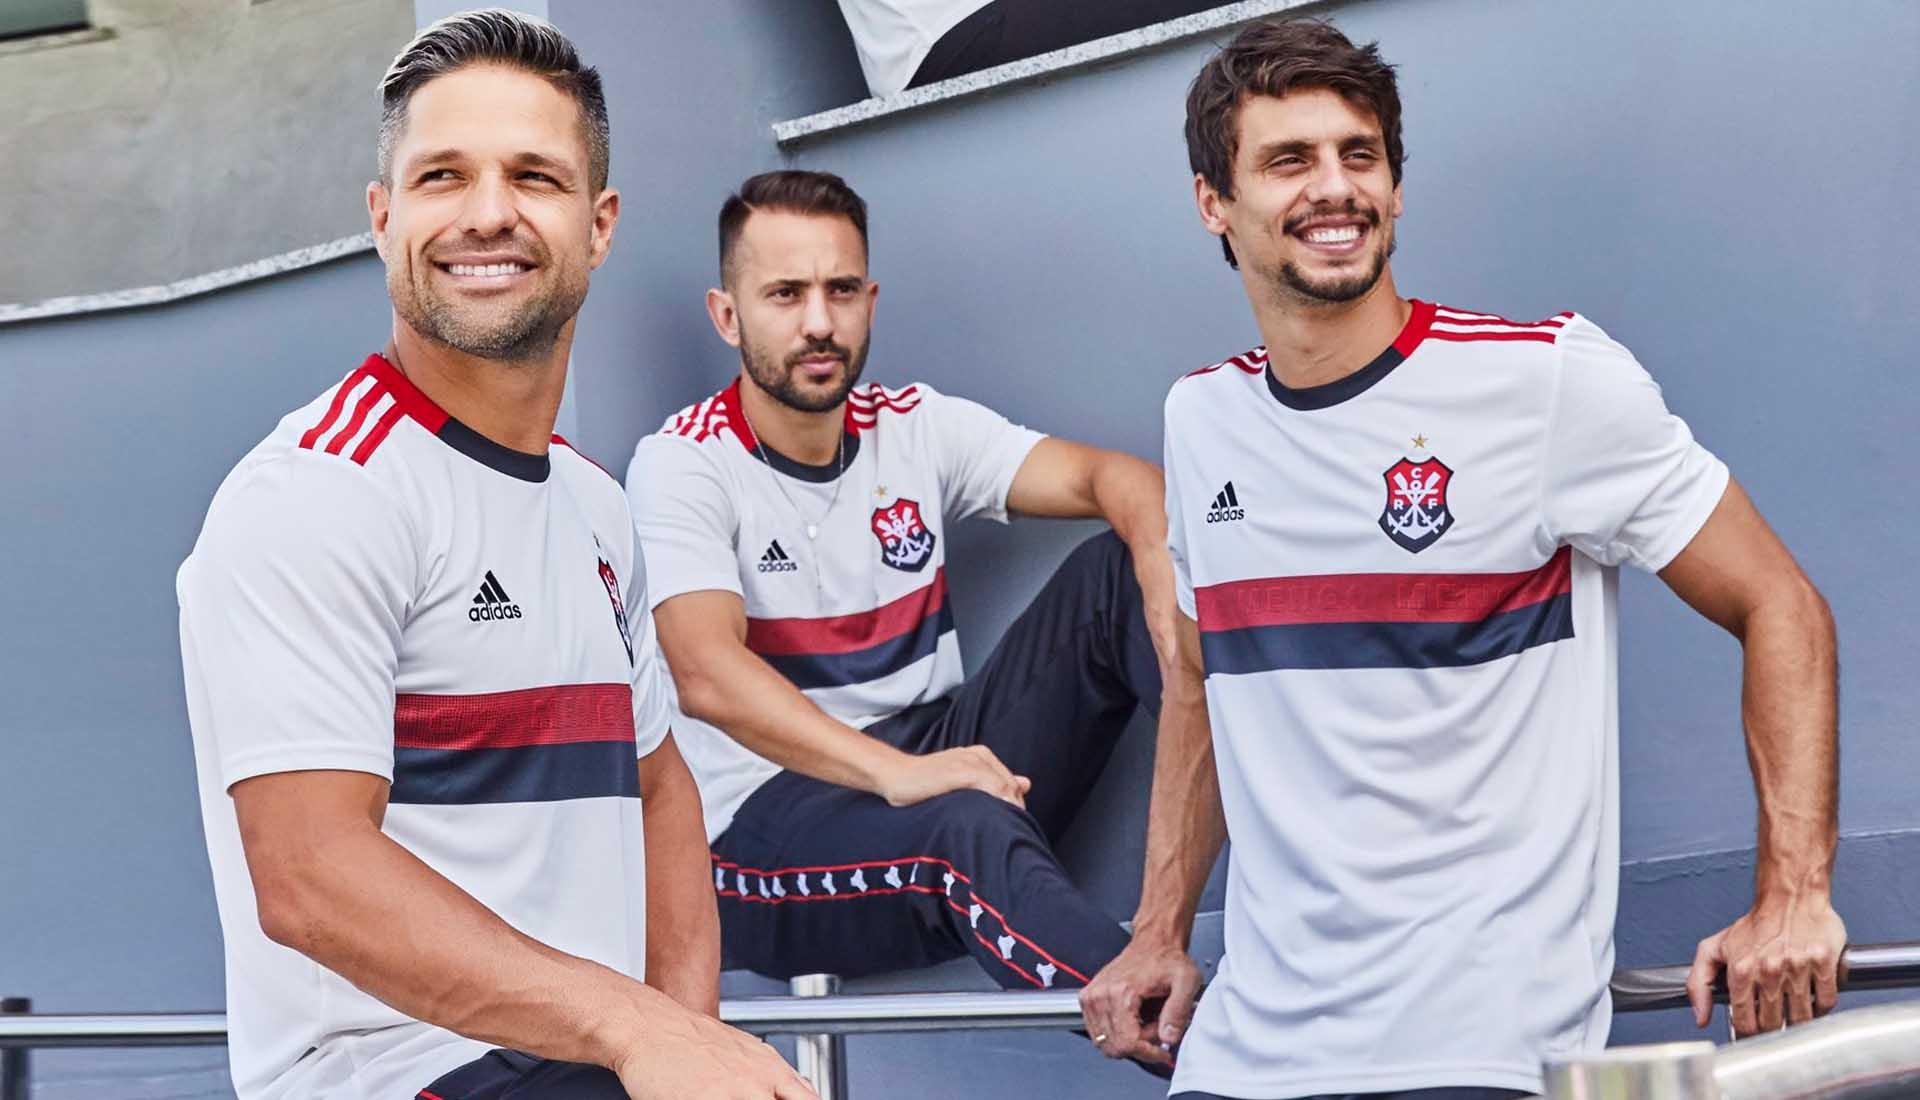 adidas Launch Flamengo 2019/20 Away Shirt - SoccerBible